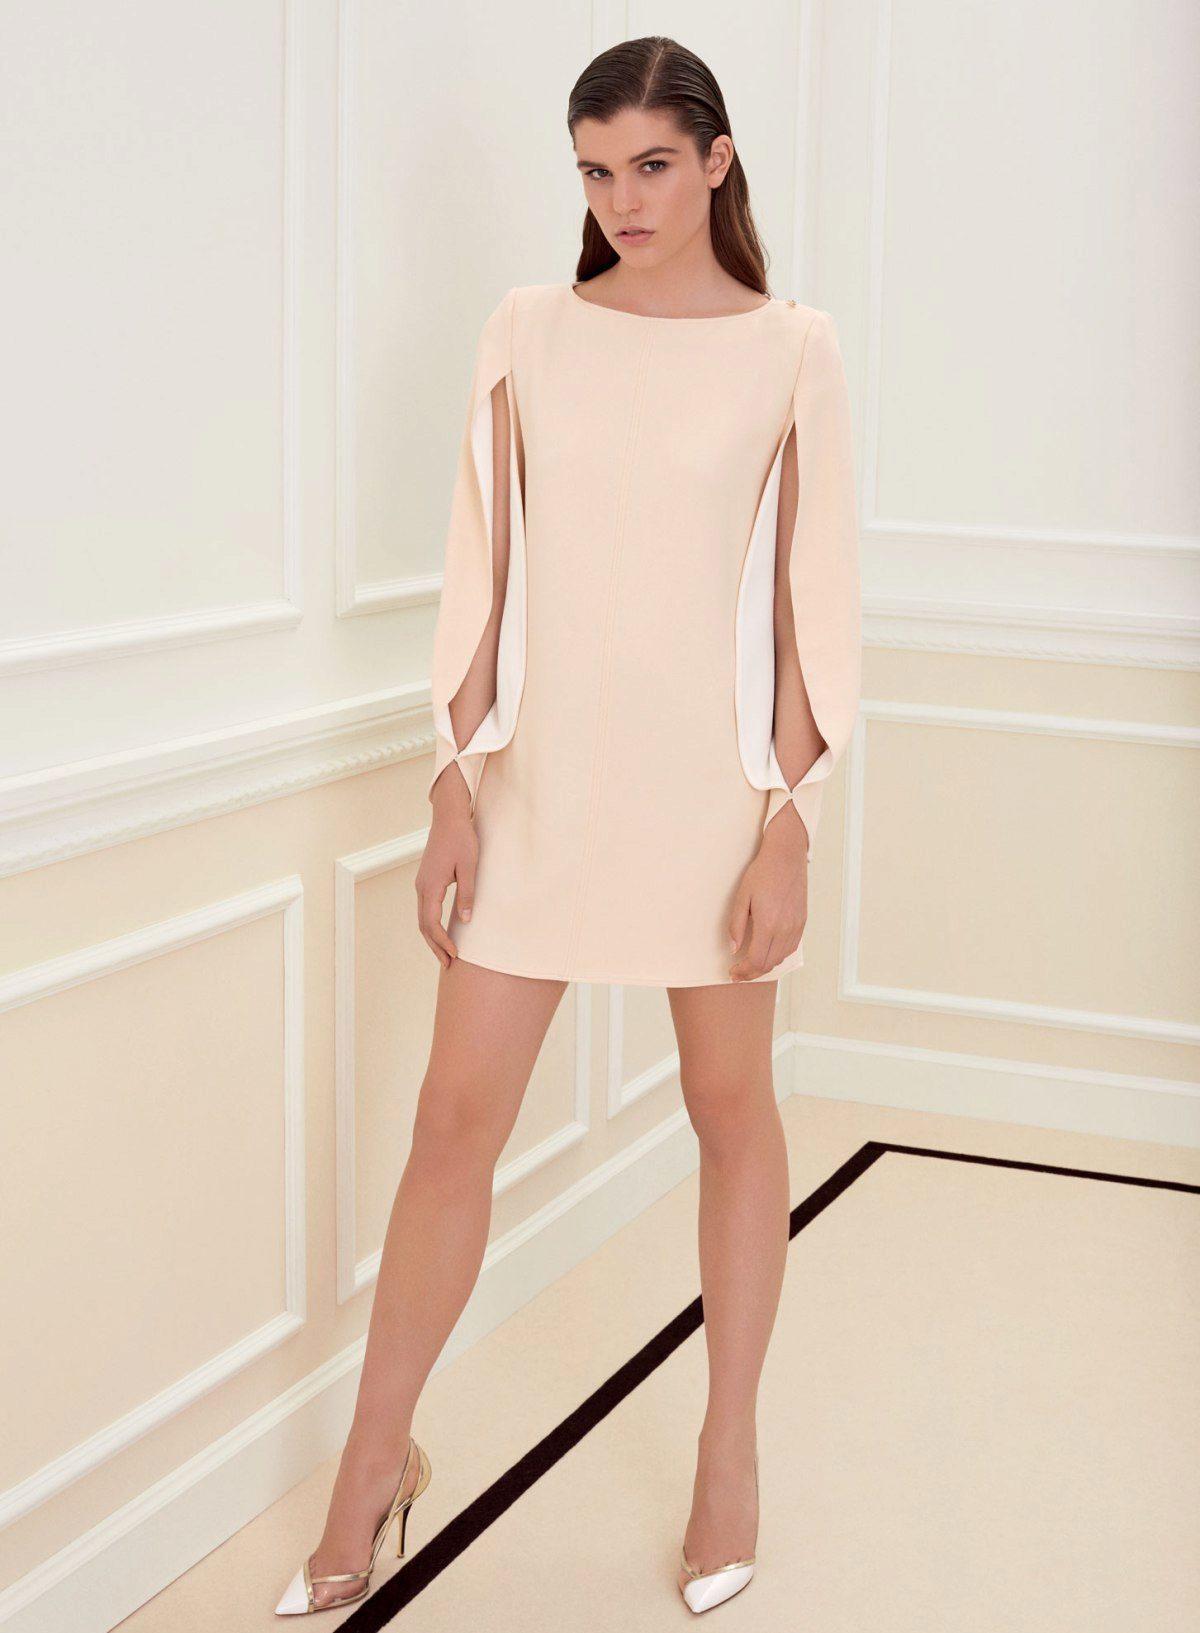 720590ac797 Как сшить прямое платье своими руками  c выкройкой и без выкройки ...